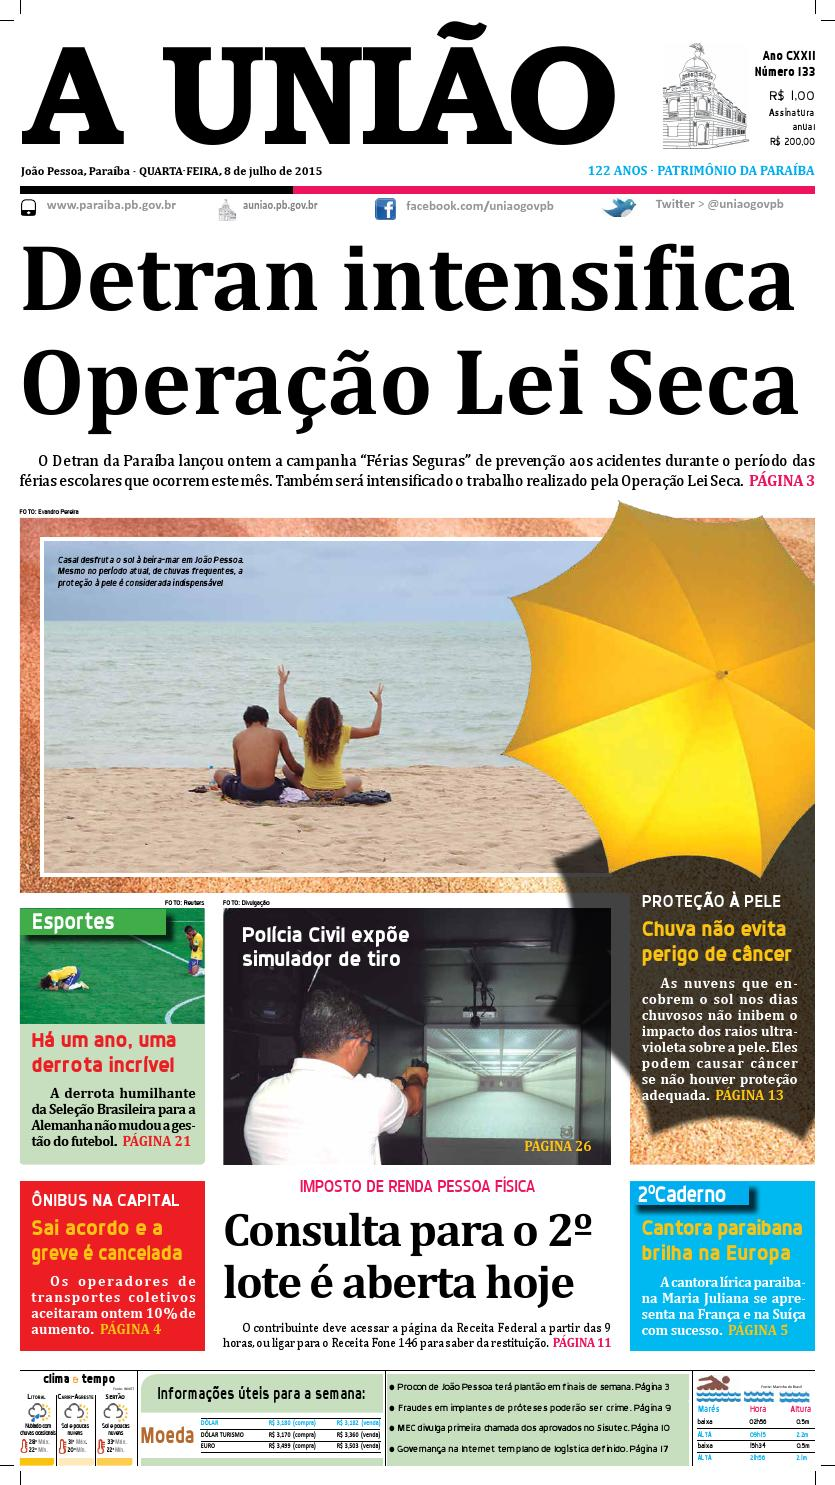 Jornal A União - 08 07 2015 by Jornal A União - issuu bbcc82d0e4